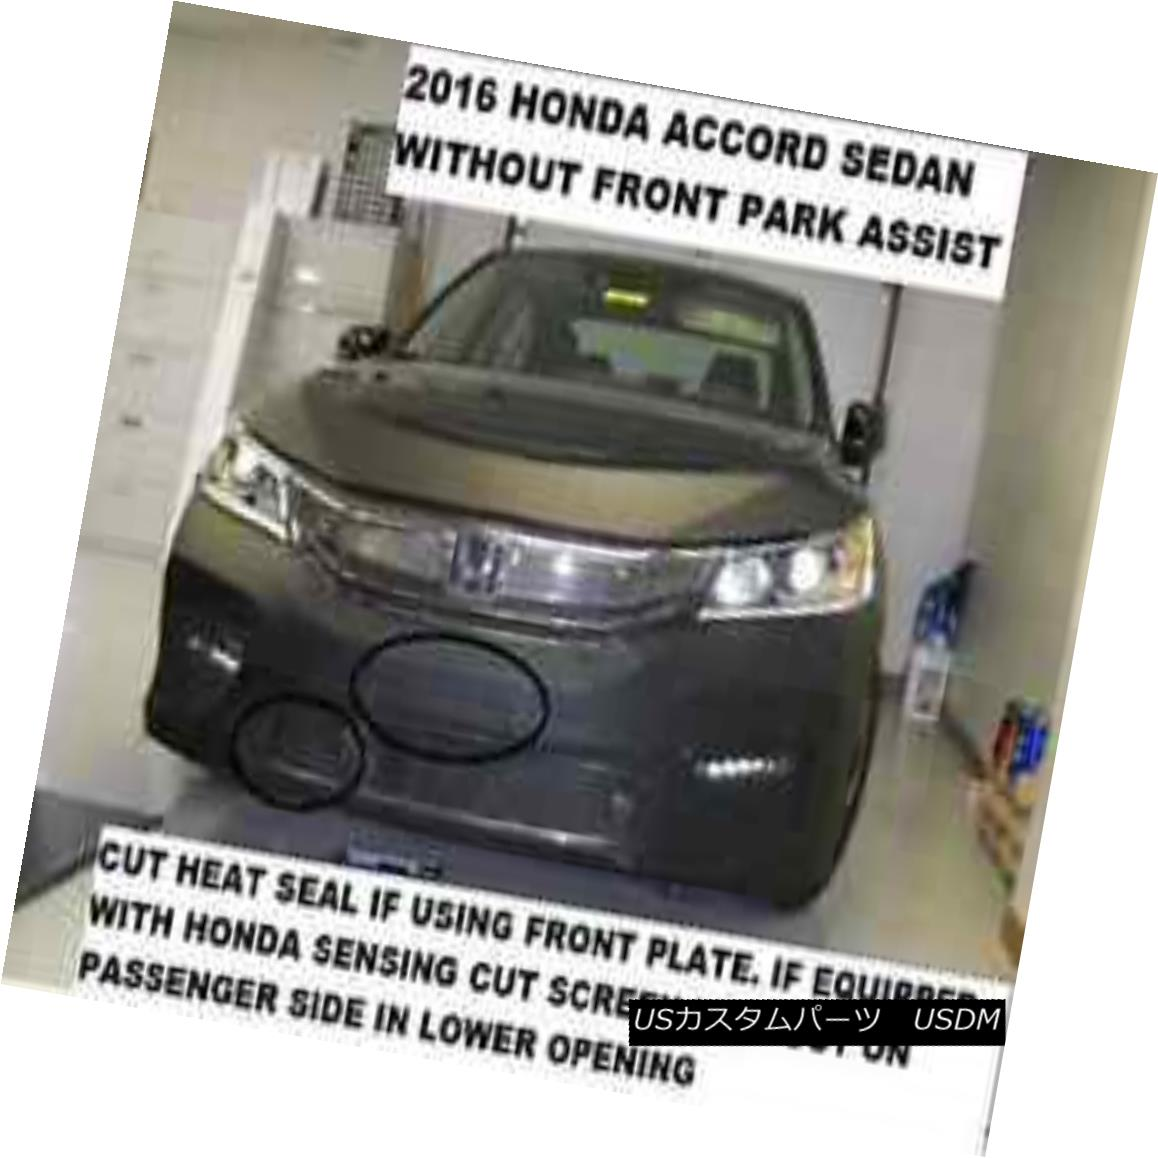 フルブラ ノーズブラ Lebra Front End Mask Cover Bra Fits 2016-2017 Honda Accord Sedan w/o Park Assist Lebraフロントエンドマスクカバーブラフィット2016-2017 Hondaアコードセダン(パークアシストなし)